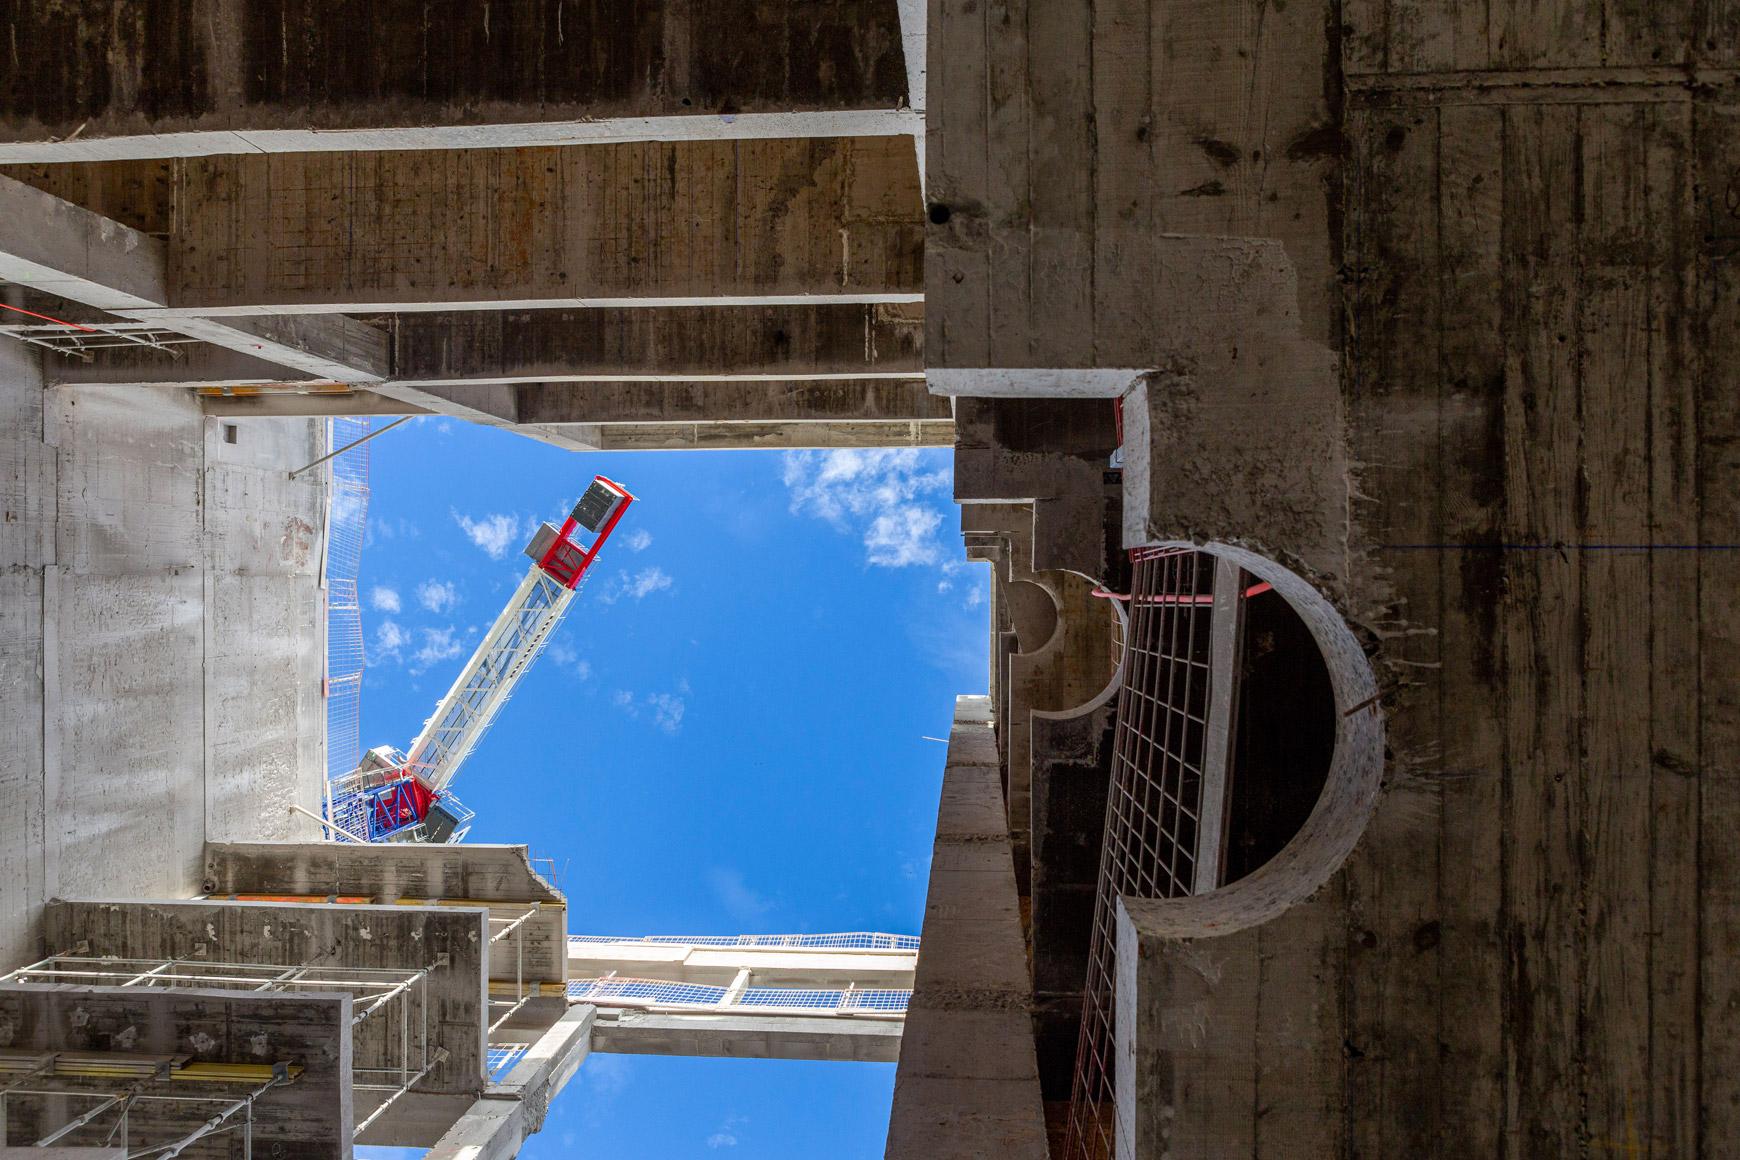 Réhabilitation lourde du siège sociale du Crédit Agricole Centre France à Clermont-Ferrand, labélisé BREEAM EXCELLENT, réalisé par le pôle Tertiaire de l'agence d'architecture SOHO ATLAS IN FINE LYON. Photo de chantier, vue à contre plongée.